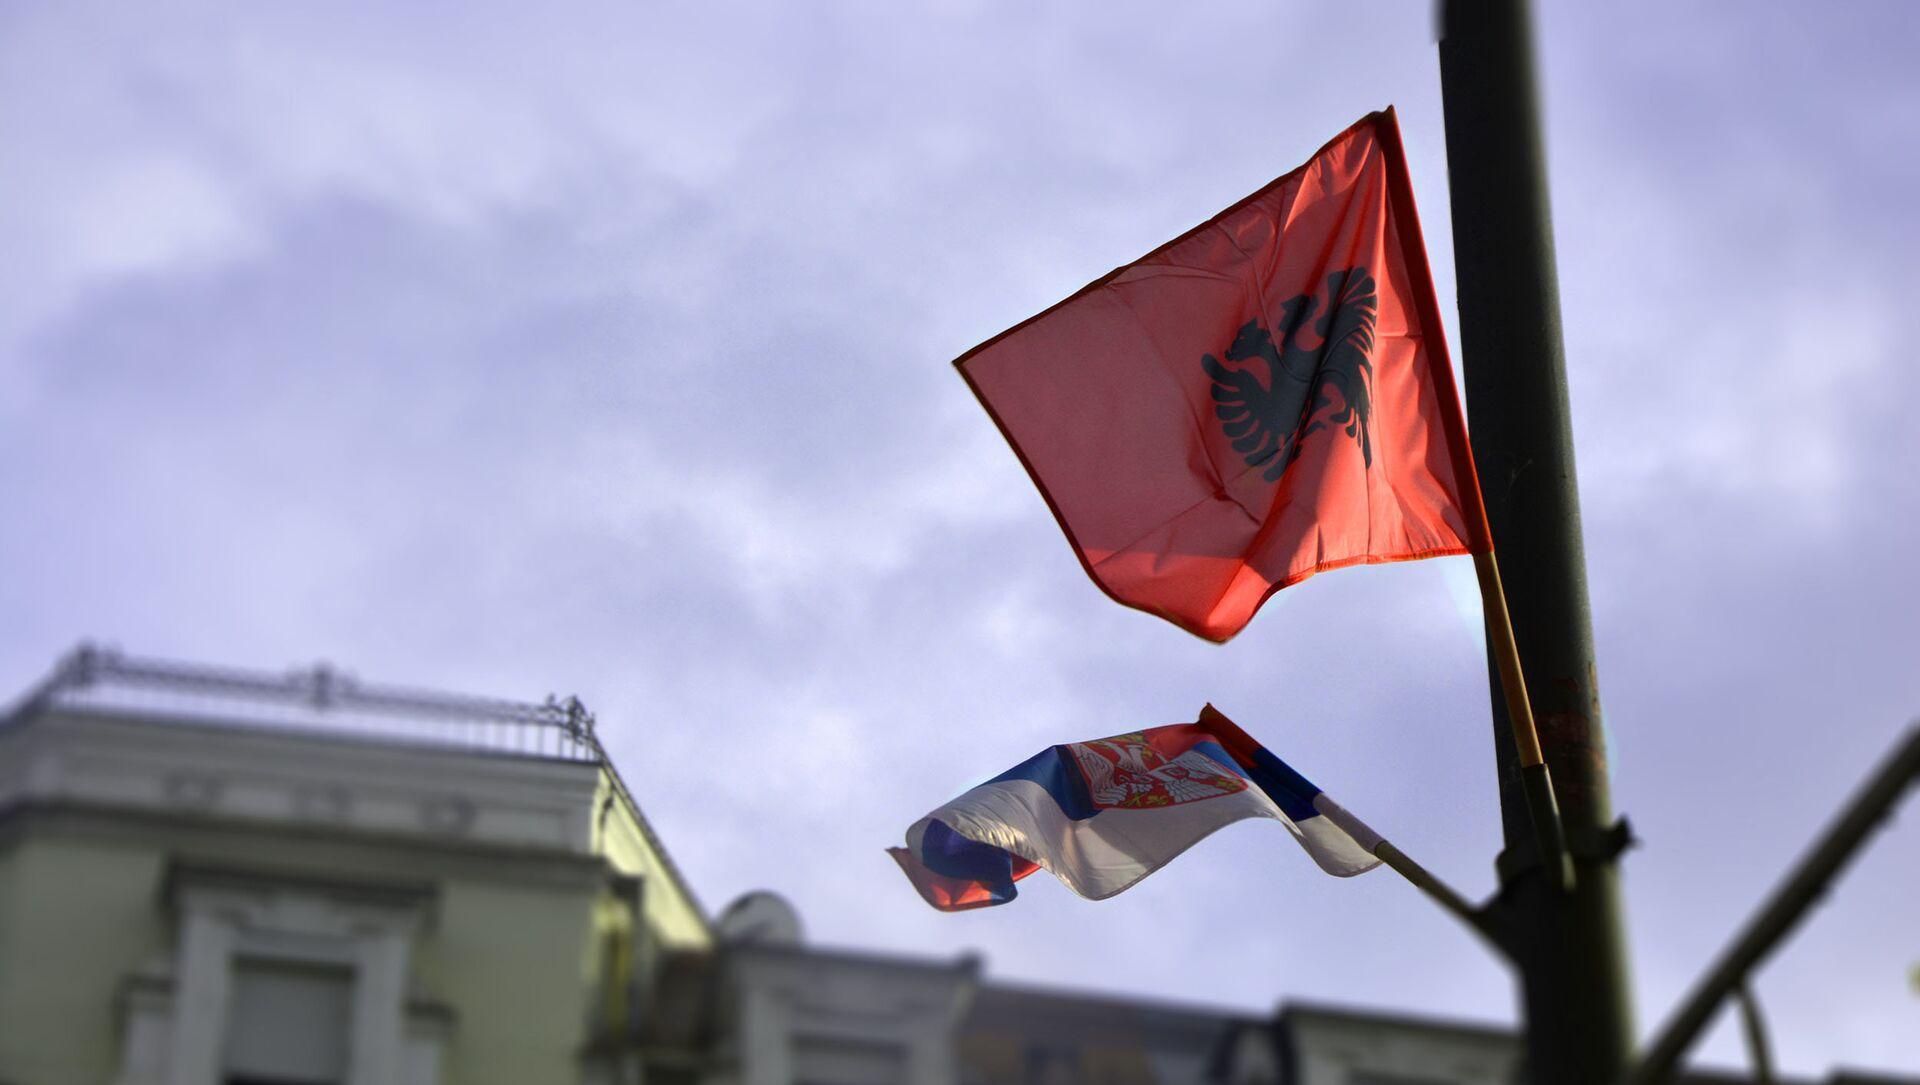 Заставе Србије и Албаније - Sputnik Србија, 1920, 21.05.2021